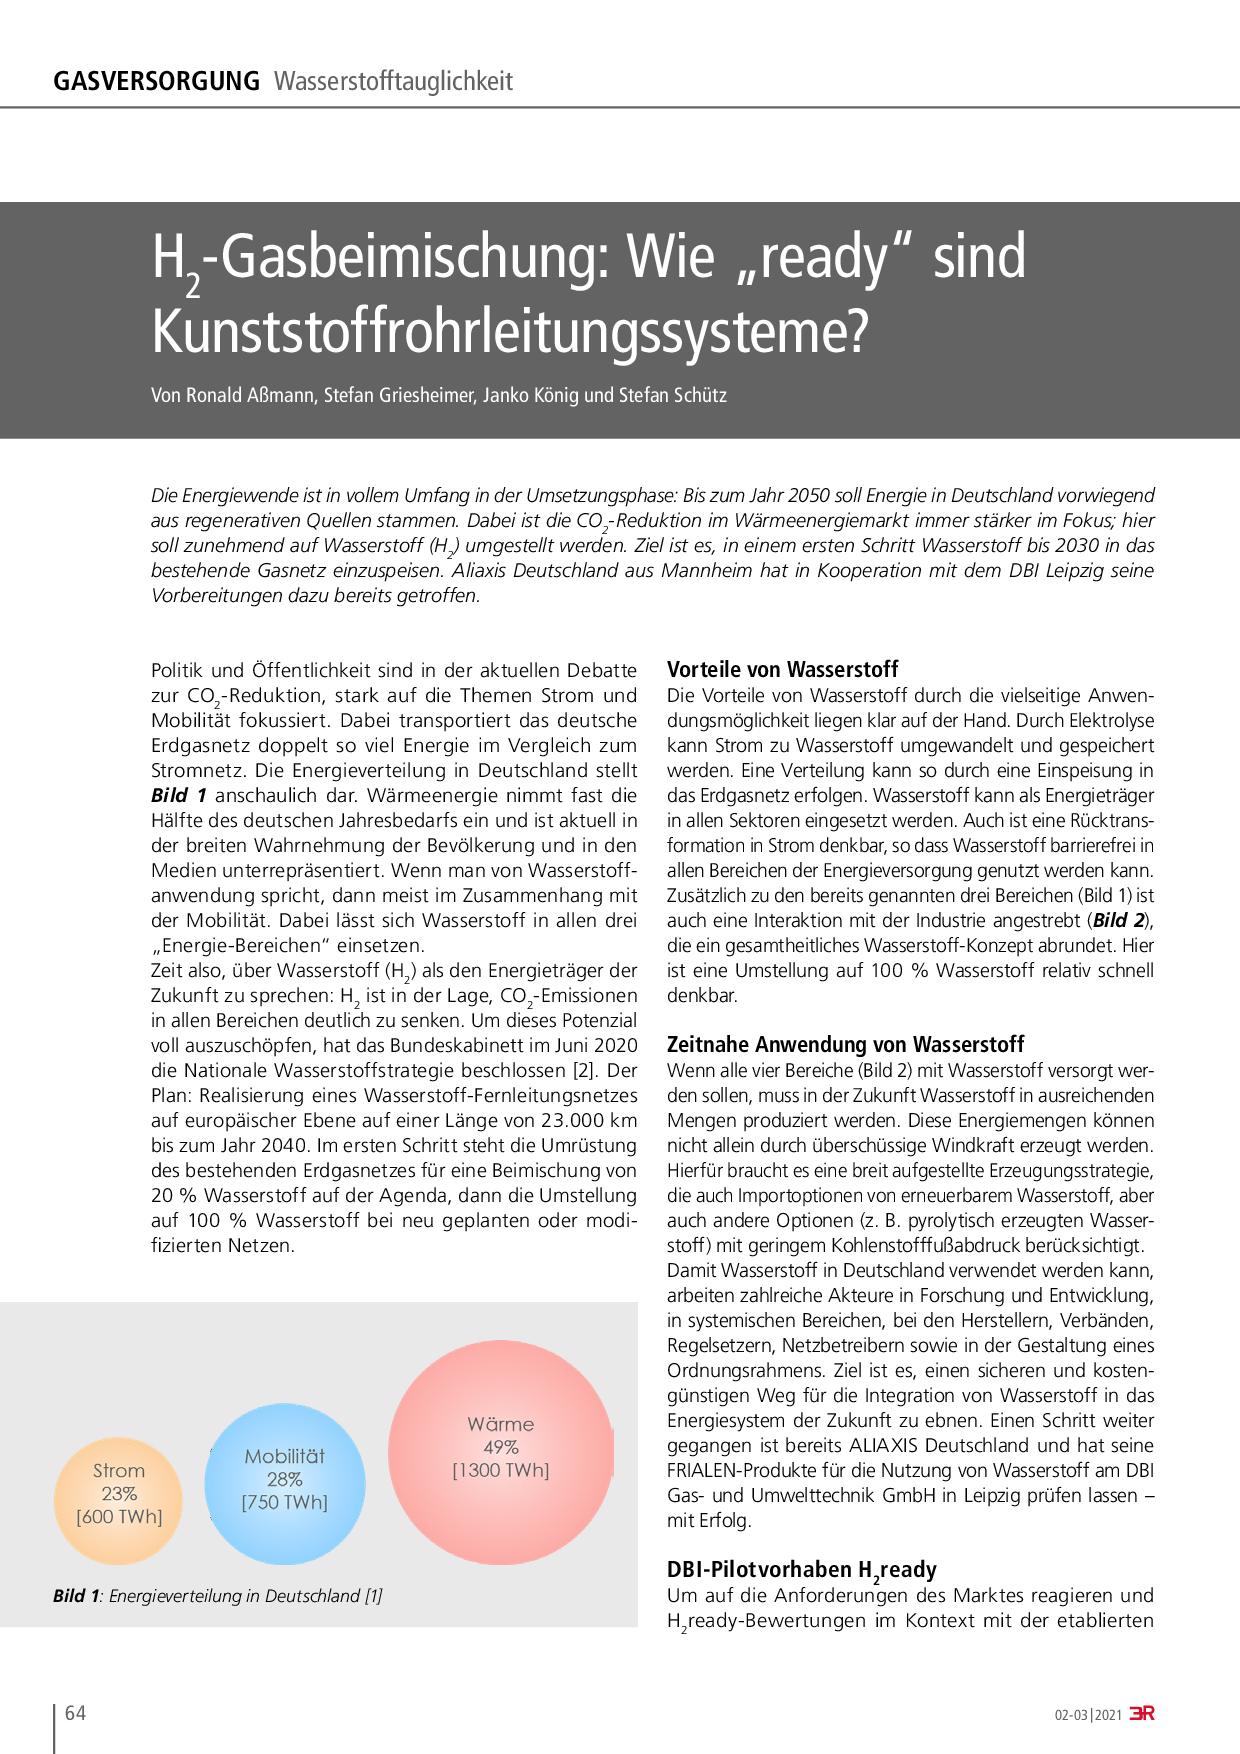 """H2-Gasbeimischung: Wie """"ready"""" sind Kunststoffrohrleitungssysteme?"""